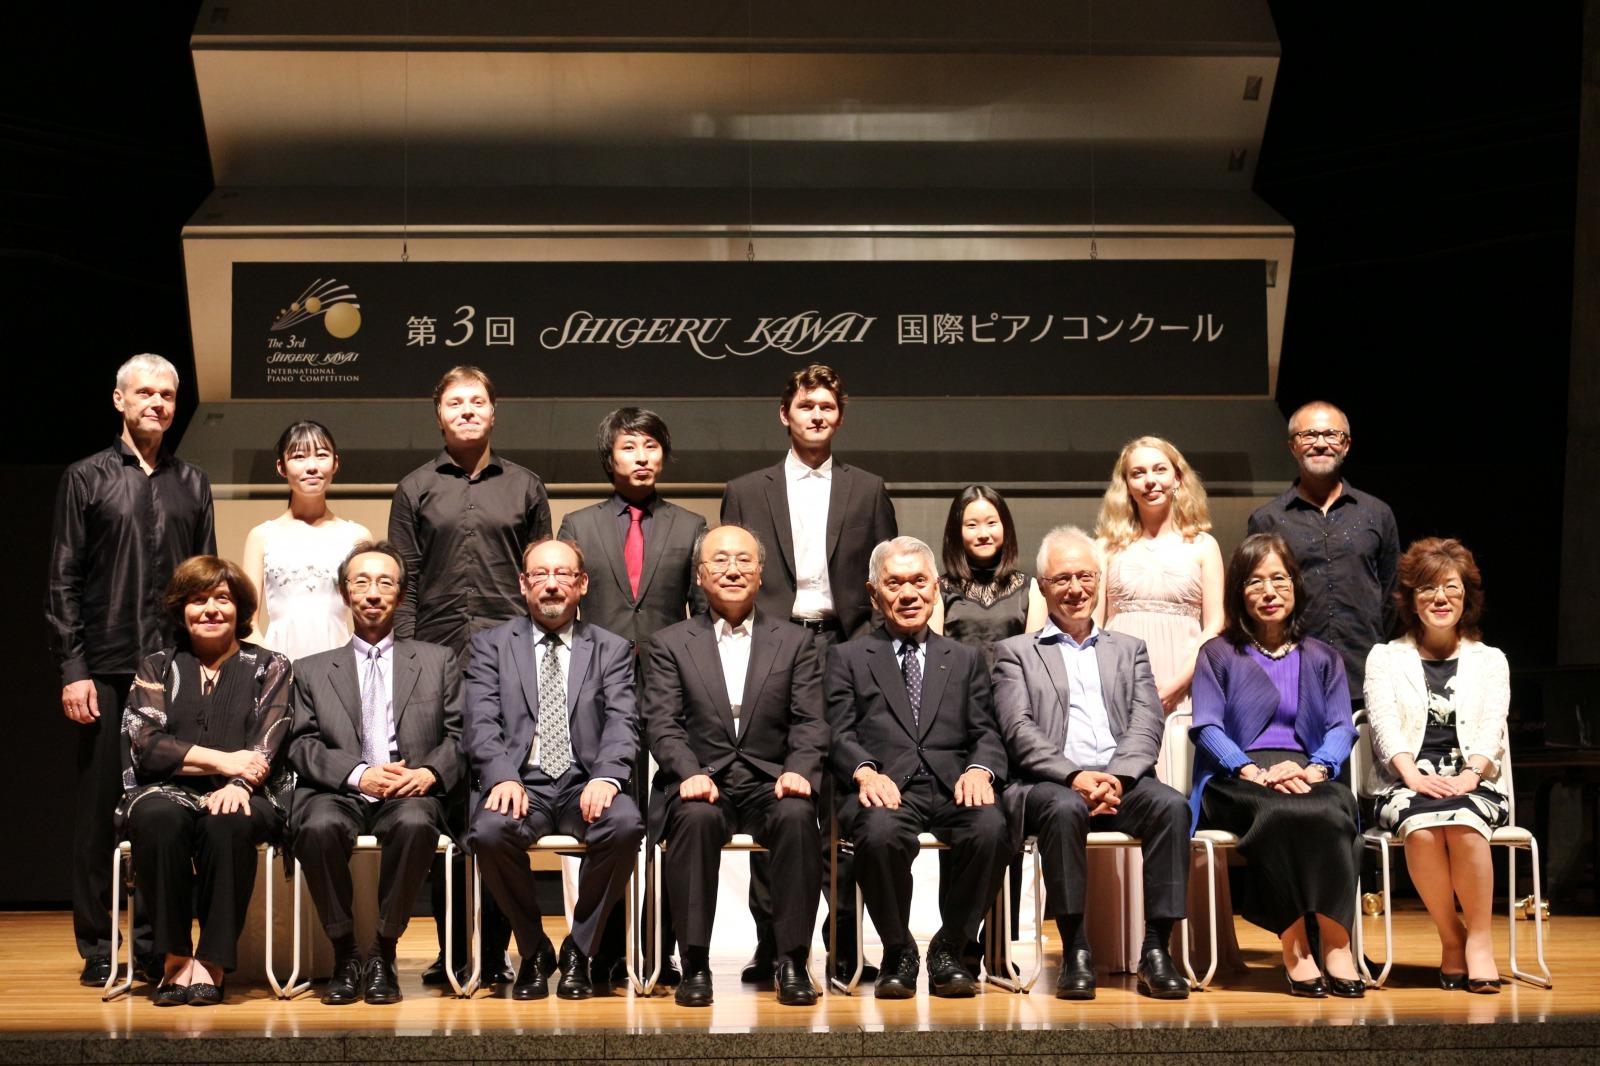 第3回Shigeru Kawai国際ピアノコンクール結果